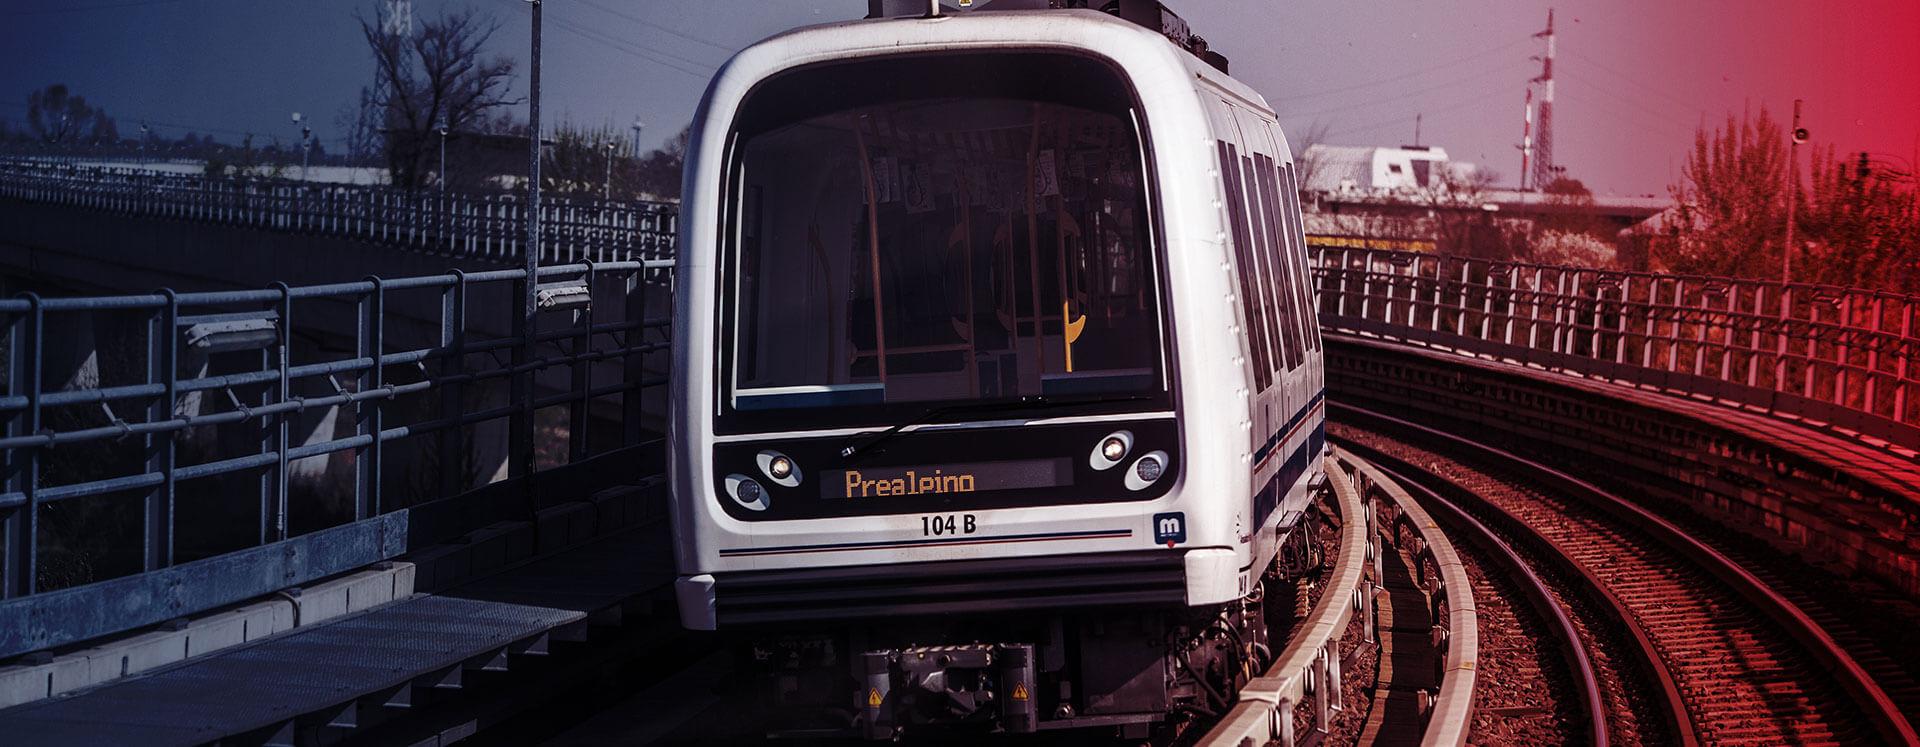 Metra - alluminio per il settore railway